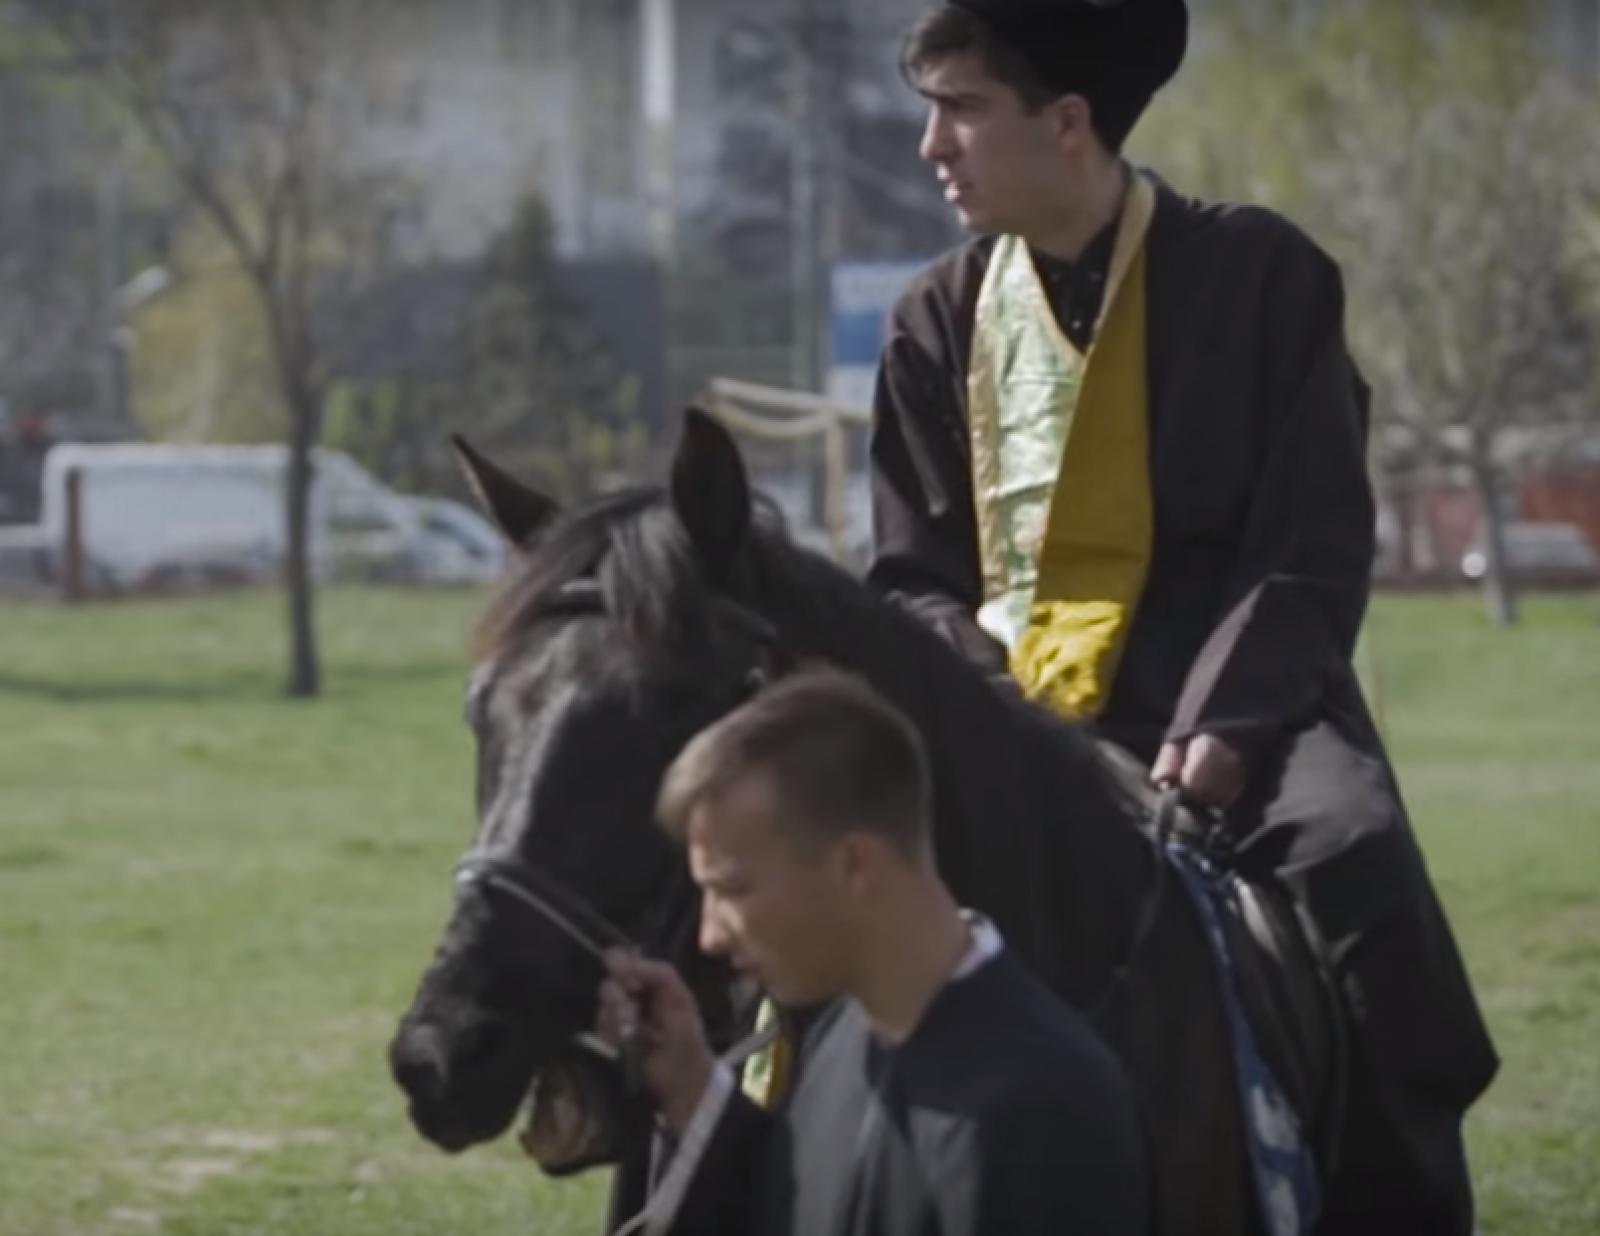 """(video) Parodie marca Zebra Show: """"Instrucţiuni"""" pentru preoți de Paștele Blajinilor"""